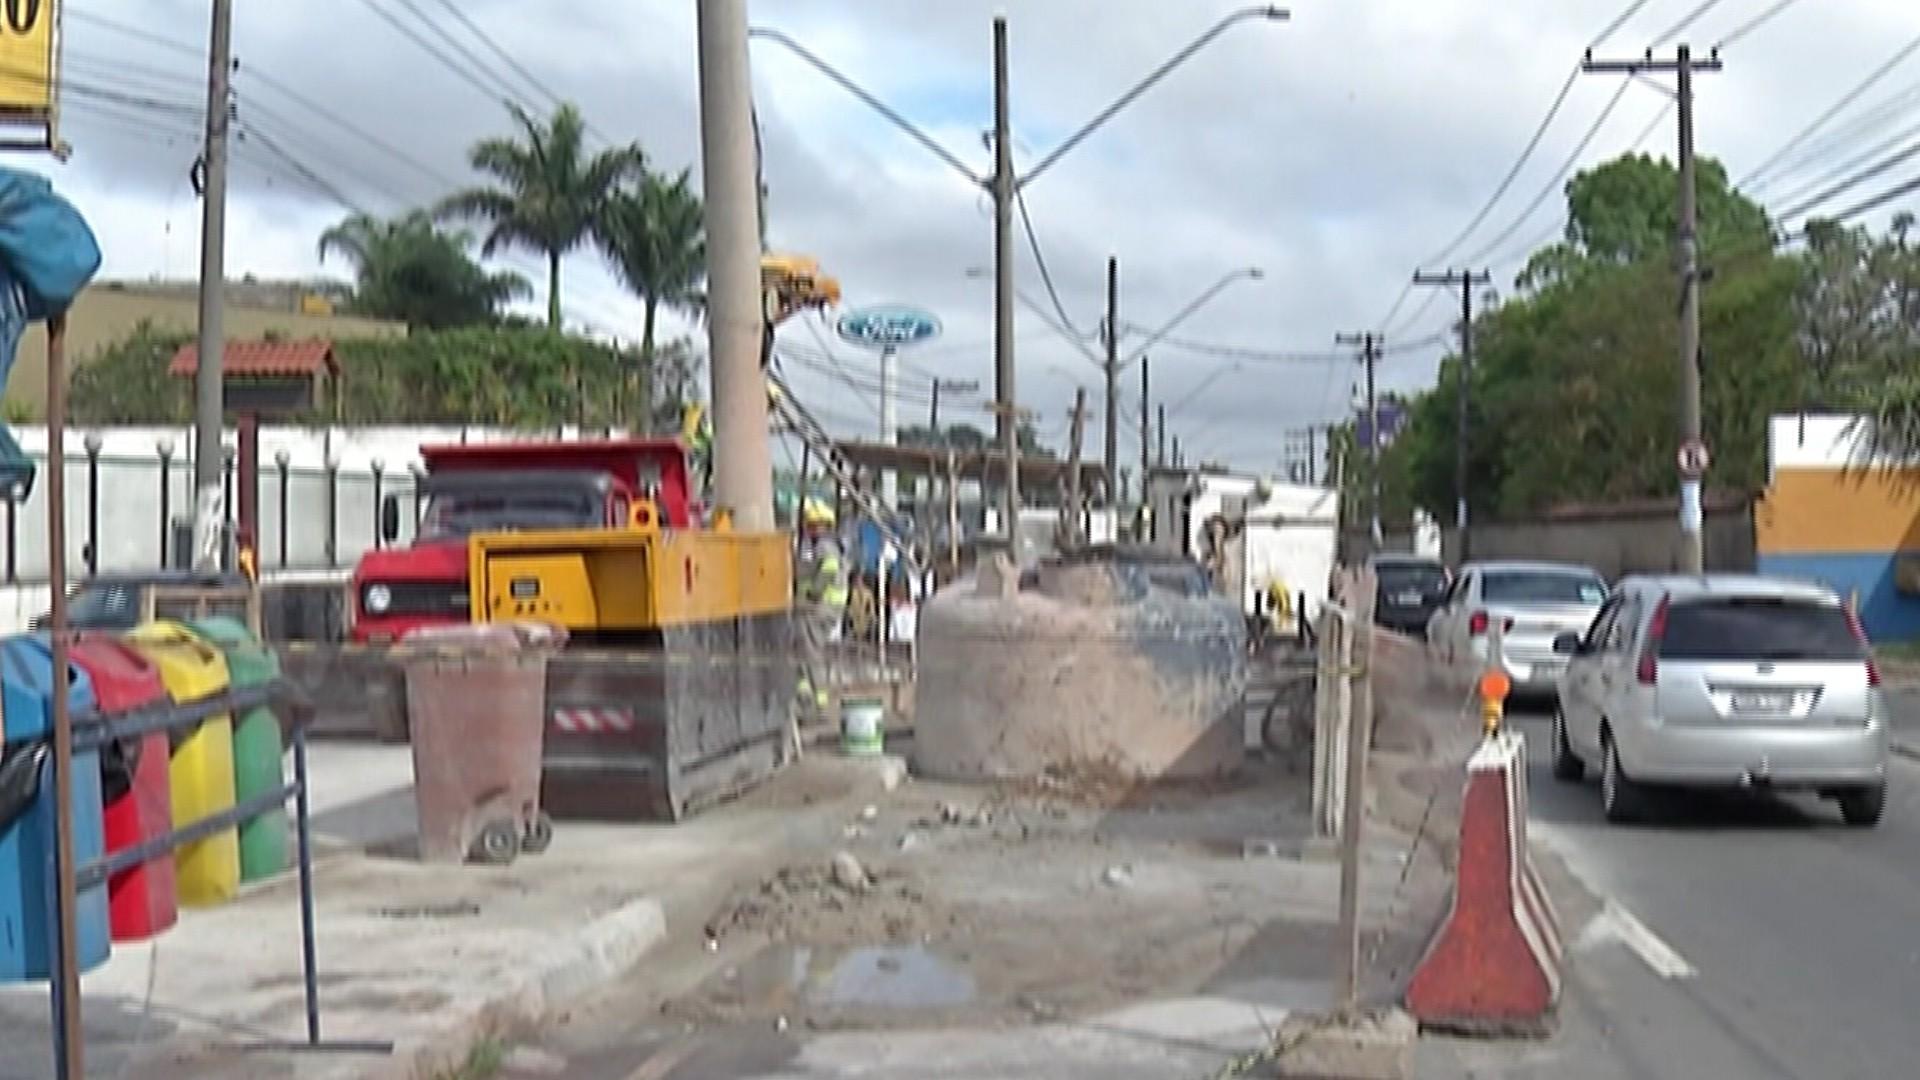 Obra feita há 7 anos prejudica o trânsito, pedestres e comerciantes em Suzano - Notícias - Plantão Diário